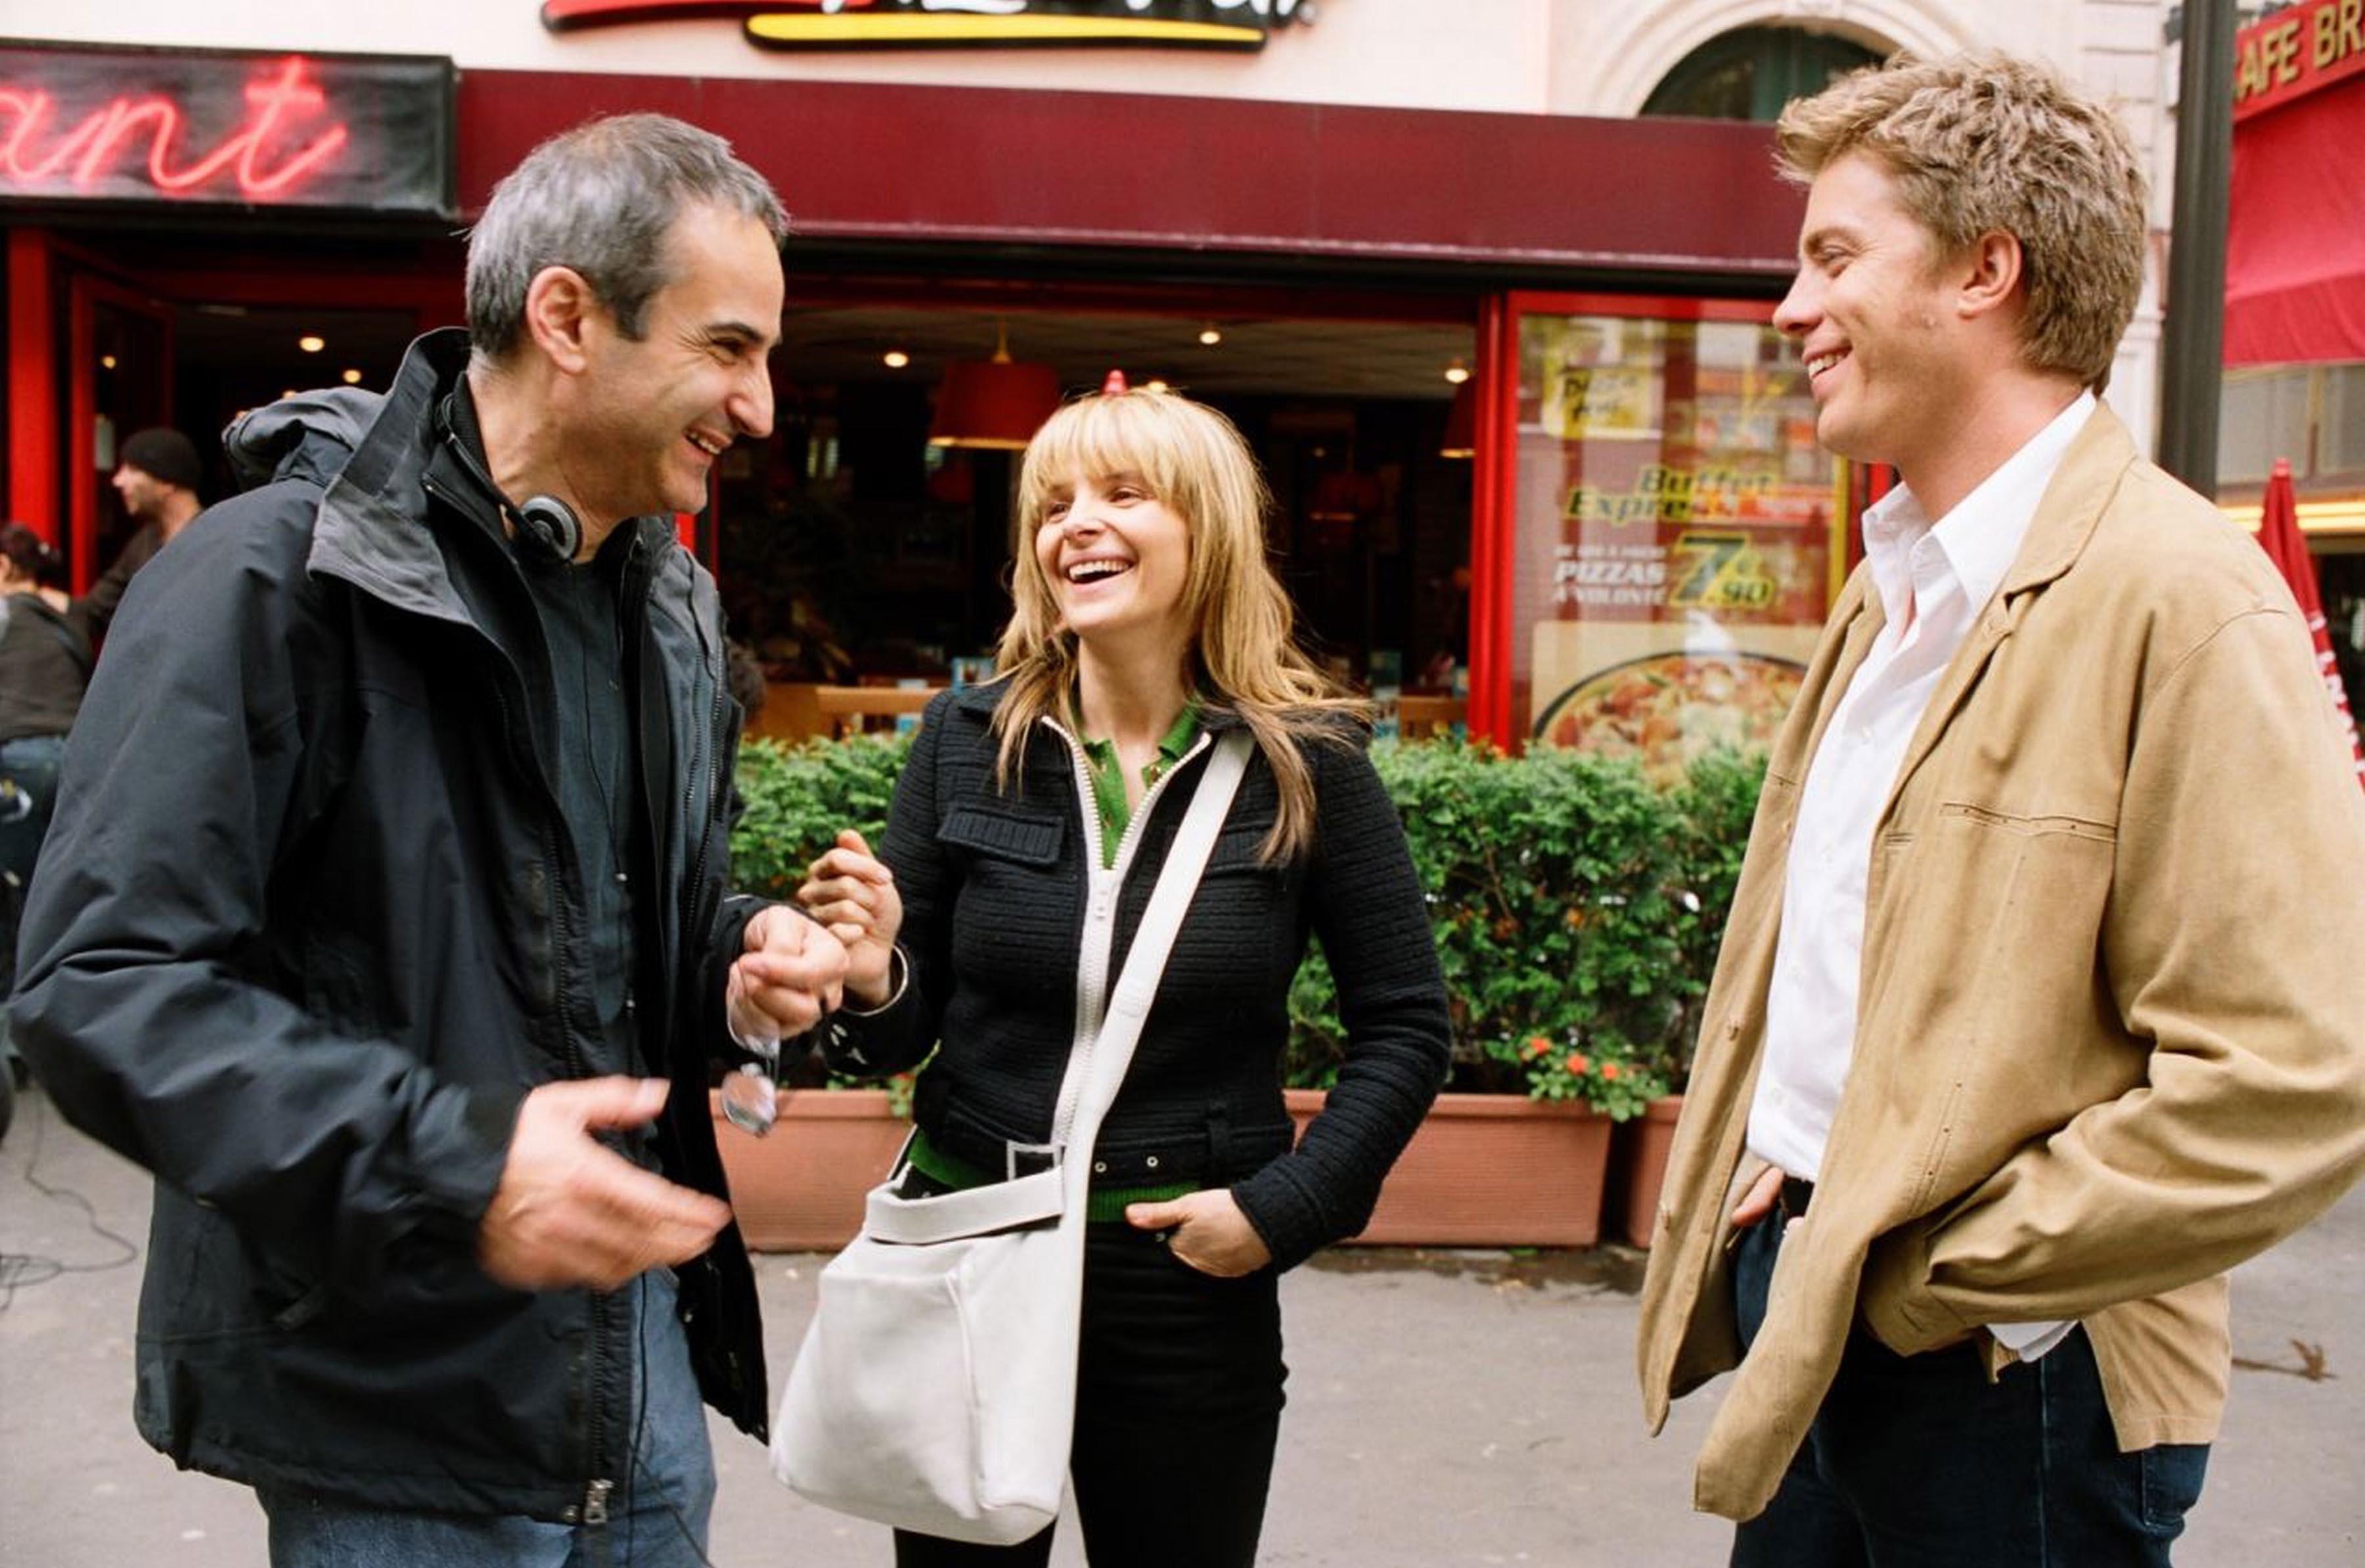 Juliette Binoche, Olivier Assayas, and Kyle Eastwood in L'heure d'été (2008)